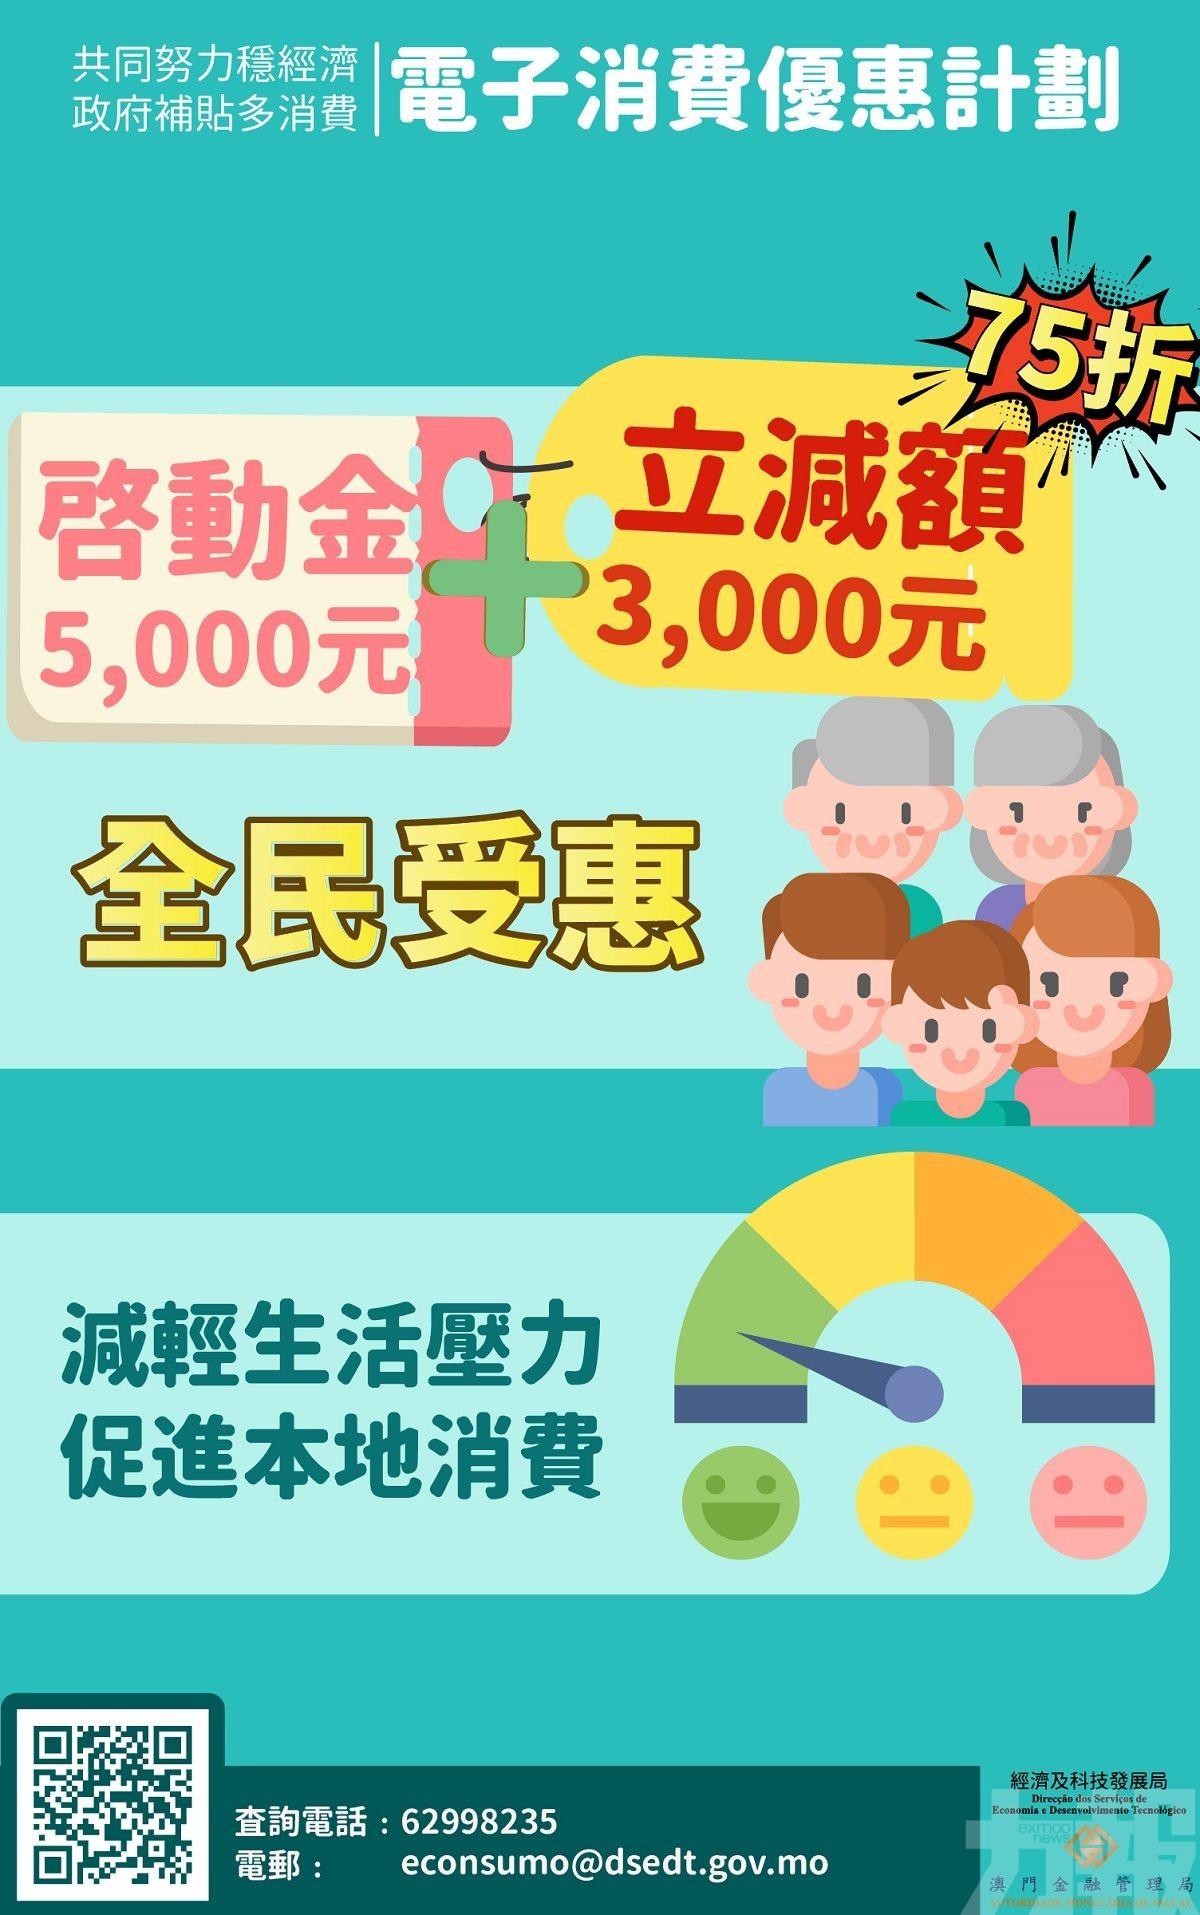 居民可自選移動支付或電子消費卡